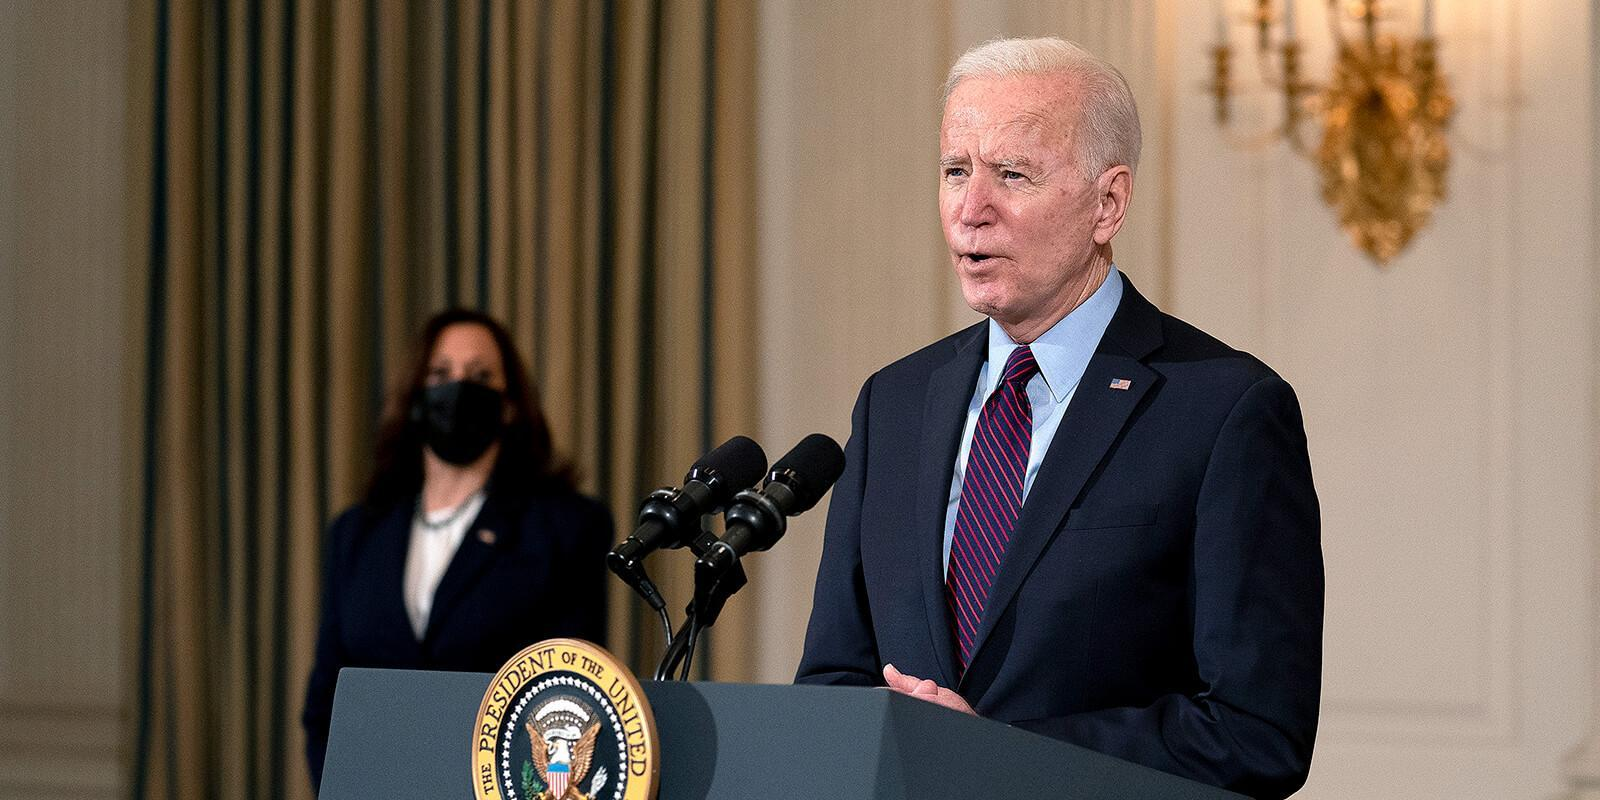 Biden speaking at podium and Karris behind him